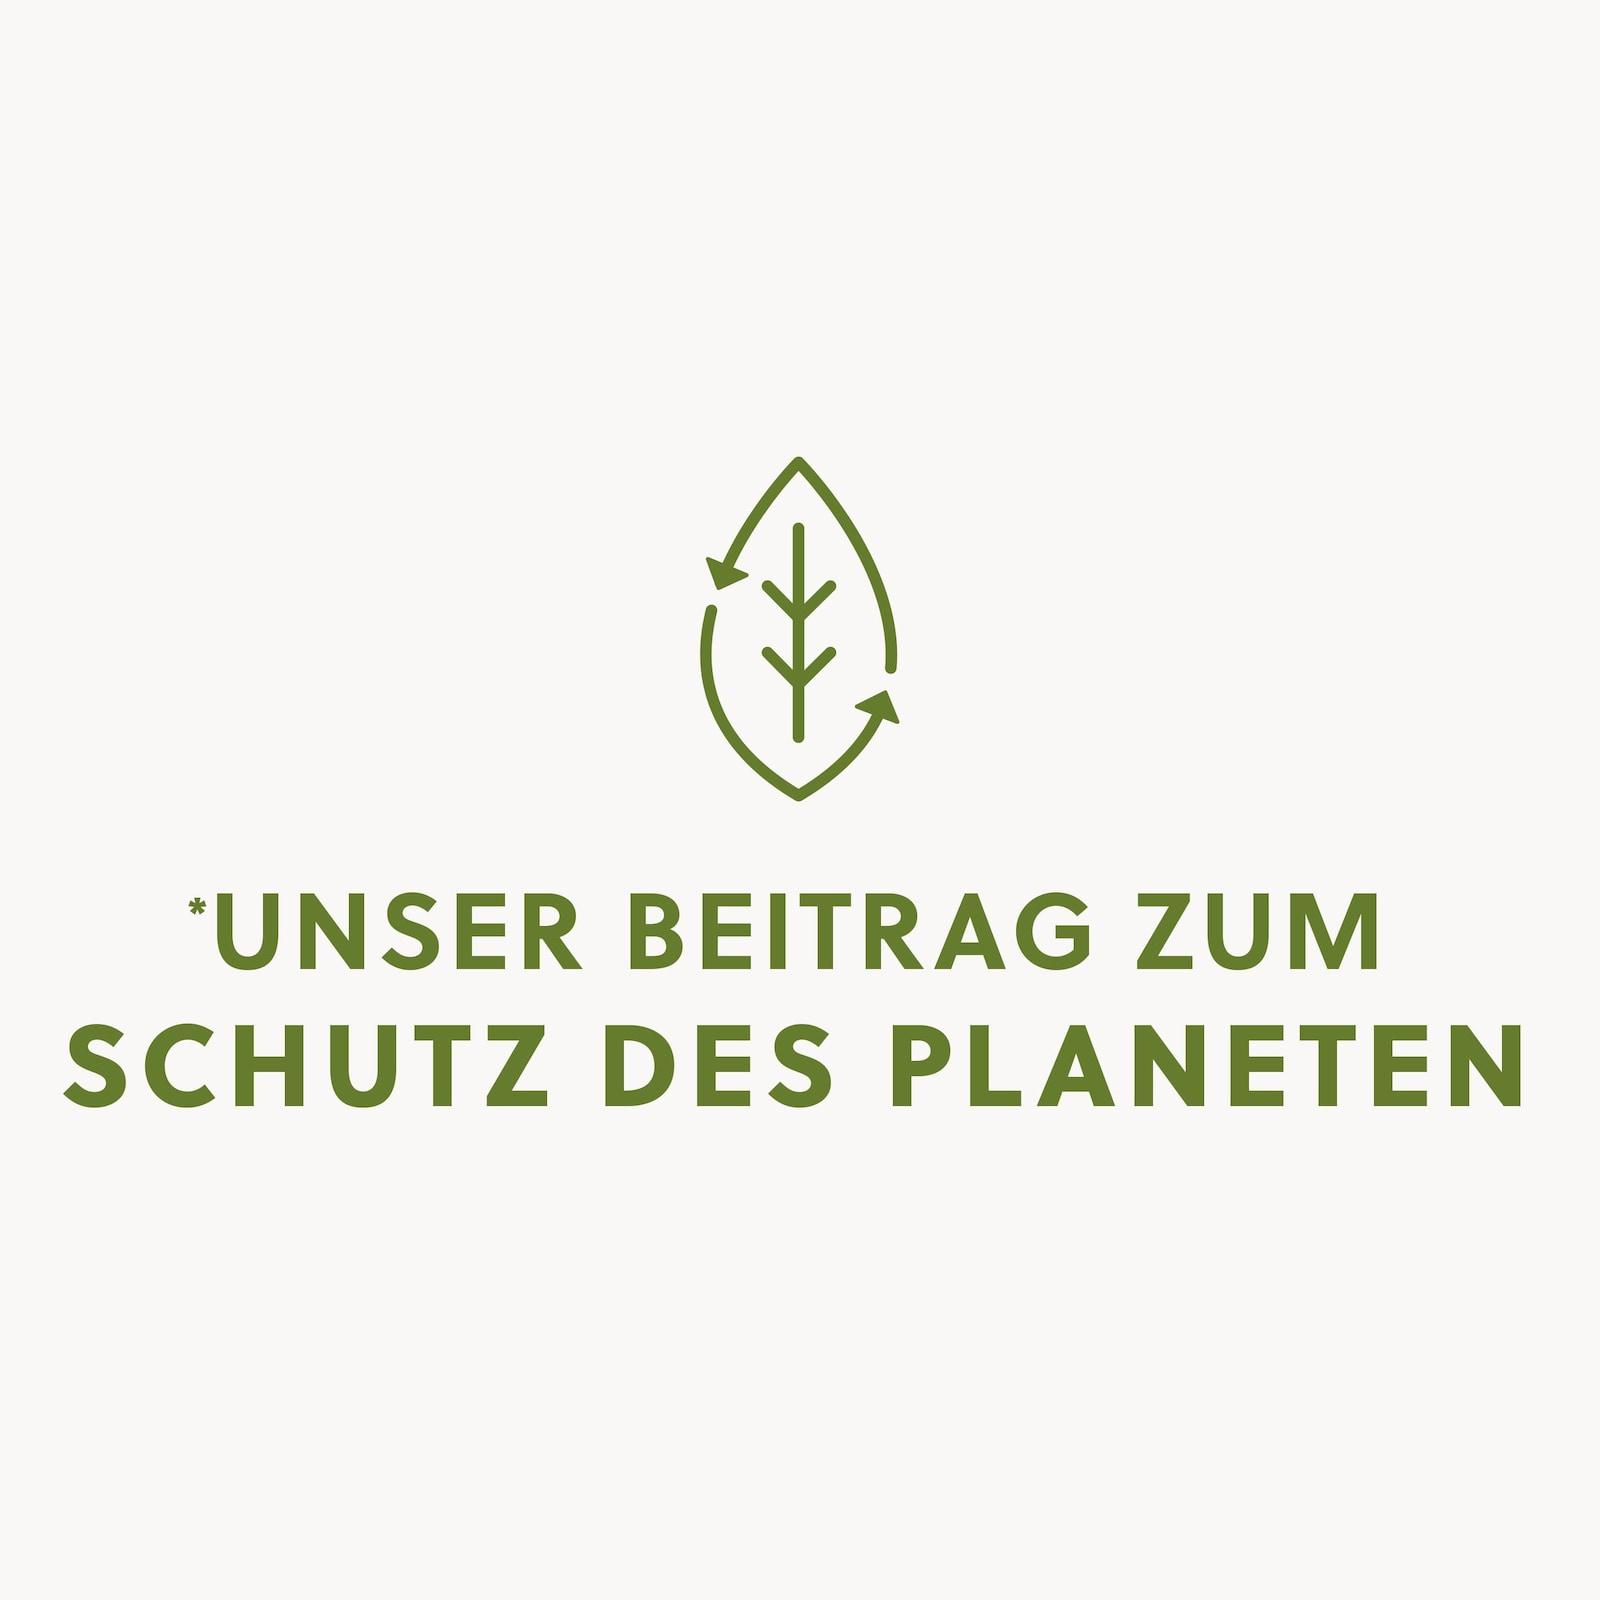 Unser Beitrag Zum Schutz Des Planeten